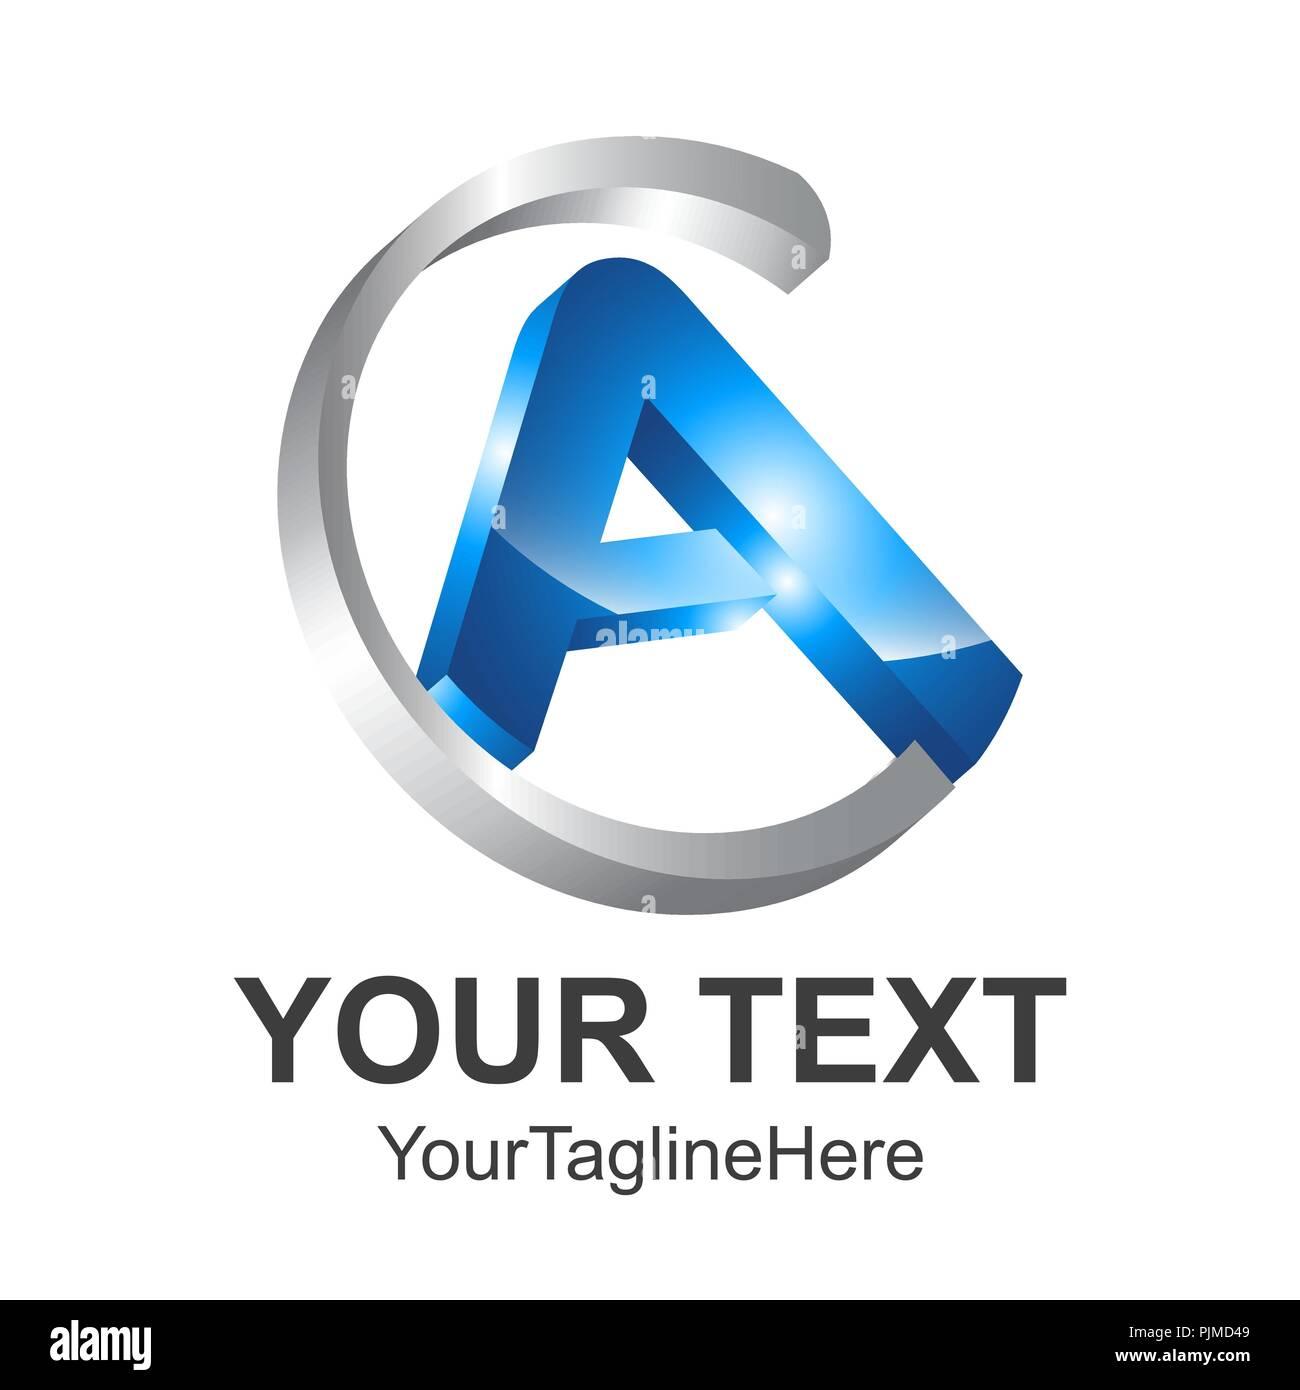 3D Letter A logo. Royal hotel, Premium boutique, Fashion logo, Super logo, VIP logo, A letter logo, Premium quality logo, Lawyer logo. letter A